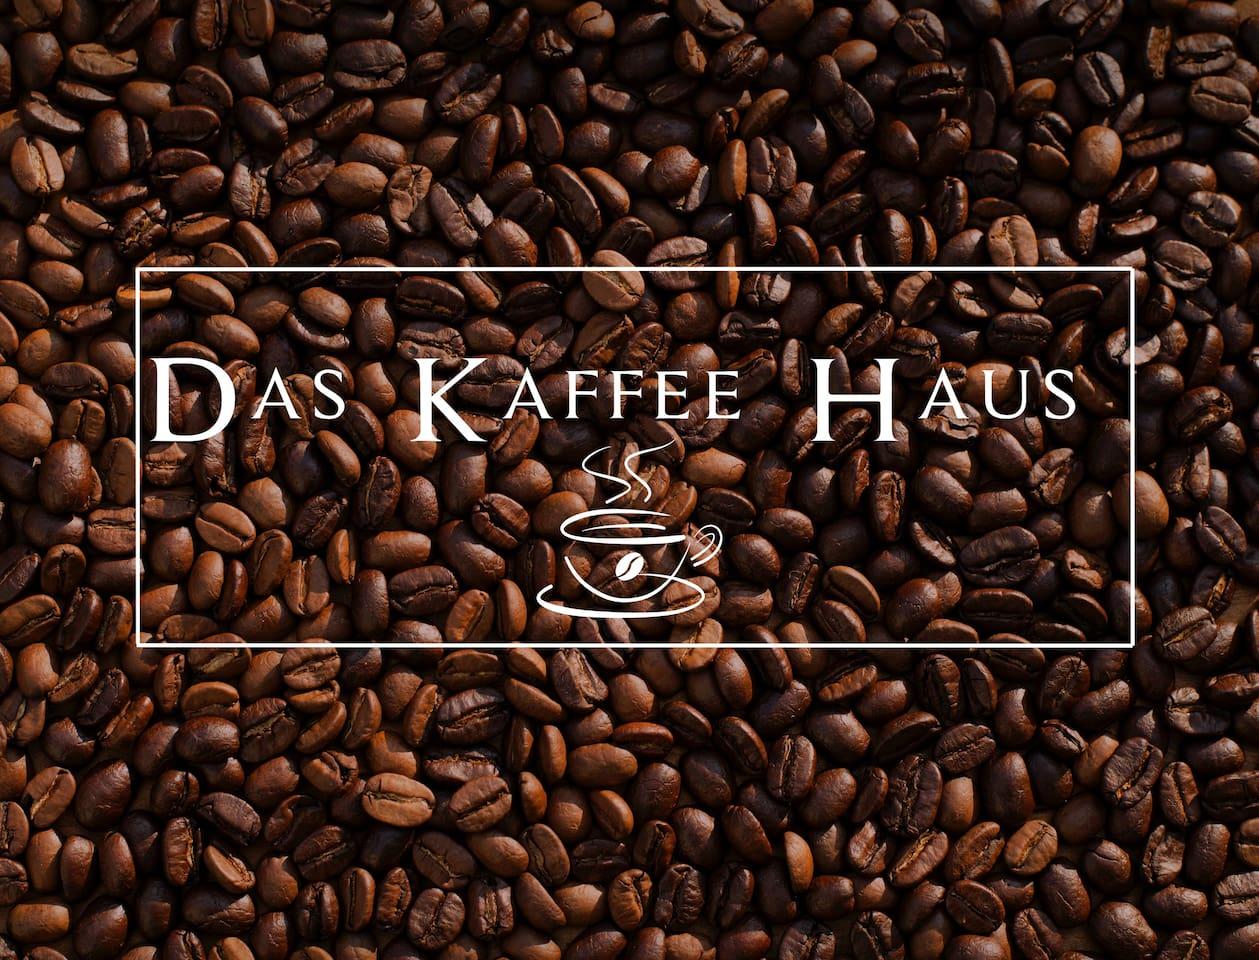 Wilkommen im Kaffee Haus